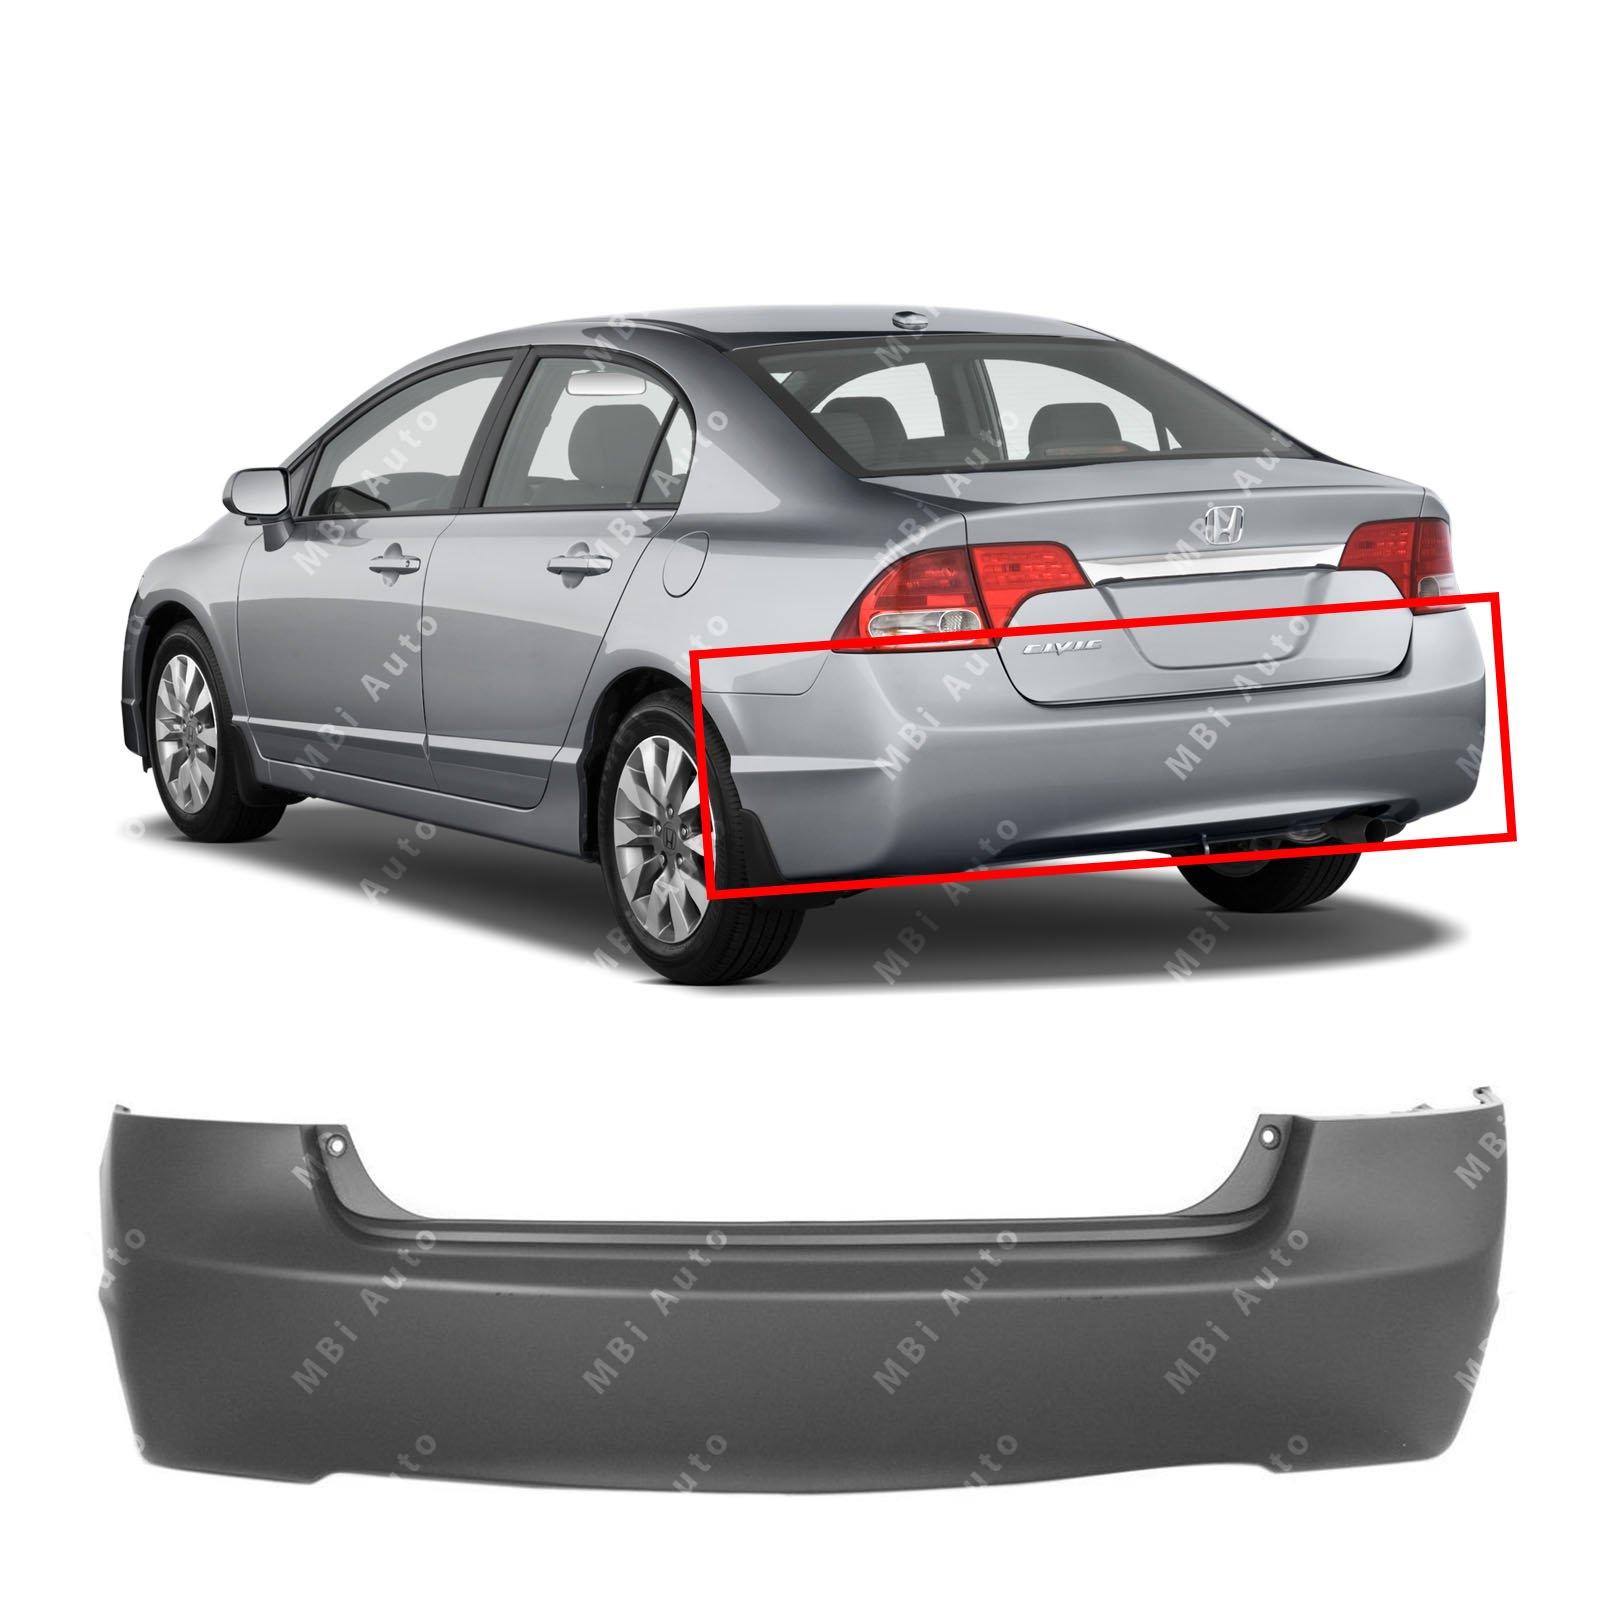 MBI AUTO - Primered, Rear Bumper Cover for 2006-2011 Honda Civic Sedan 4-Door 06-11, HO1100235